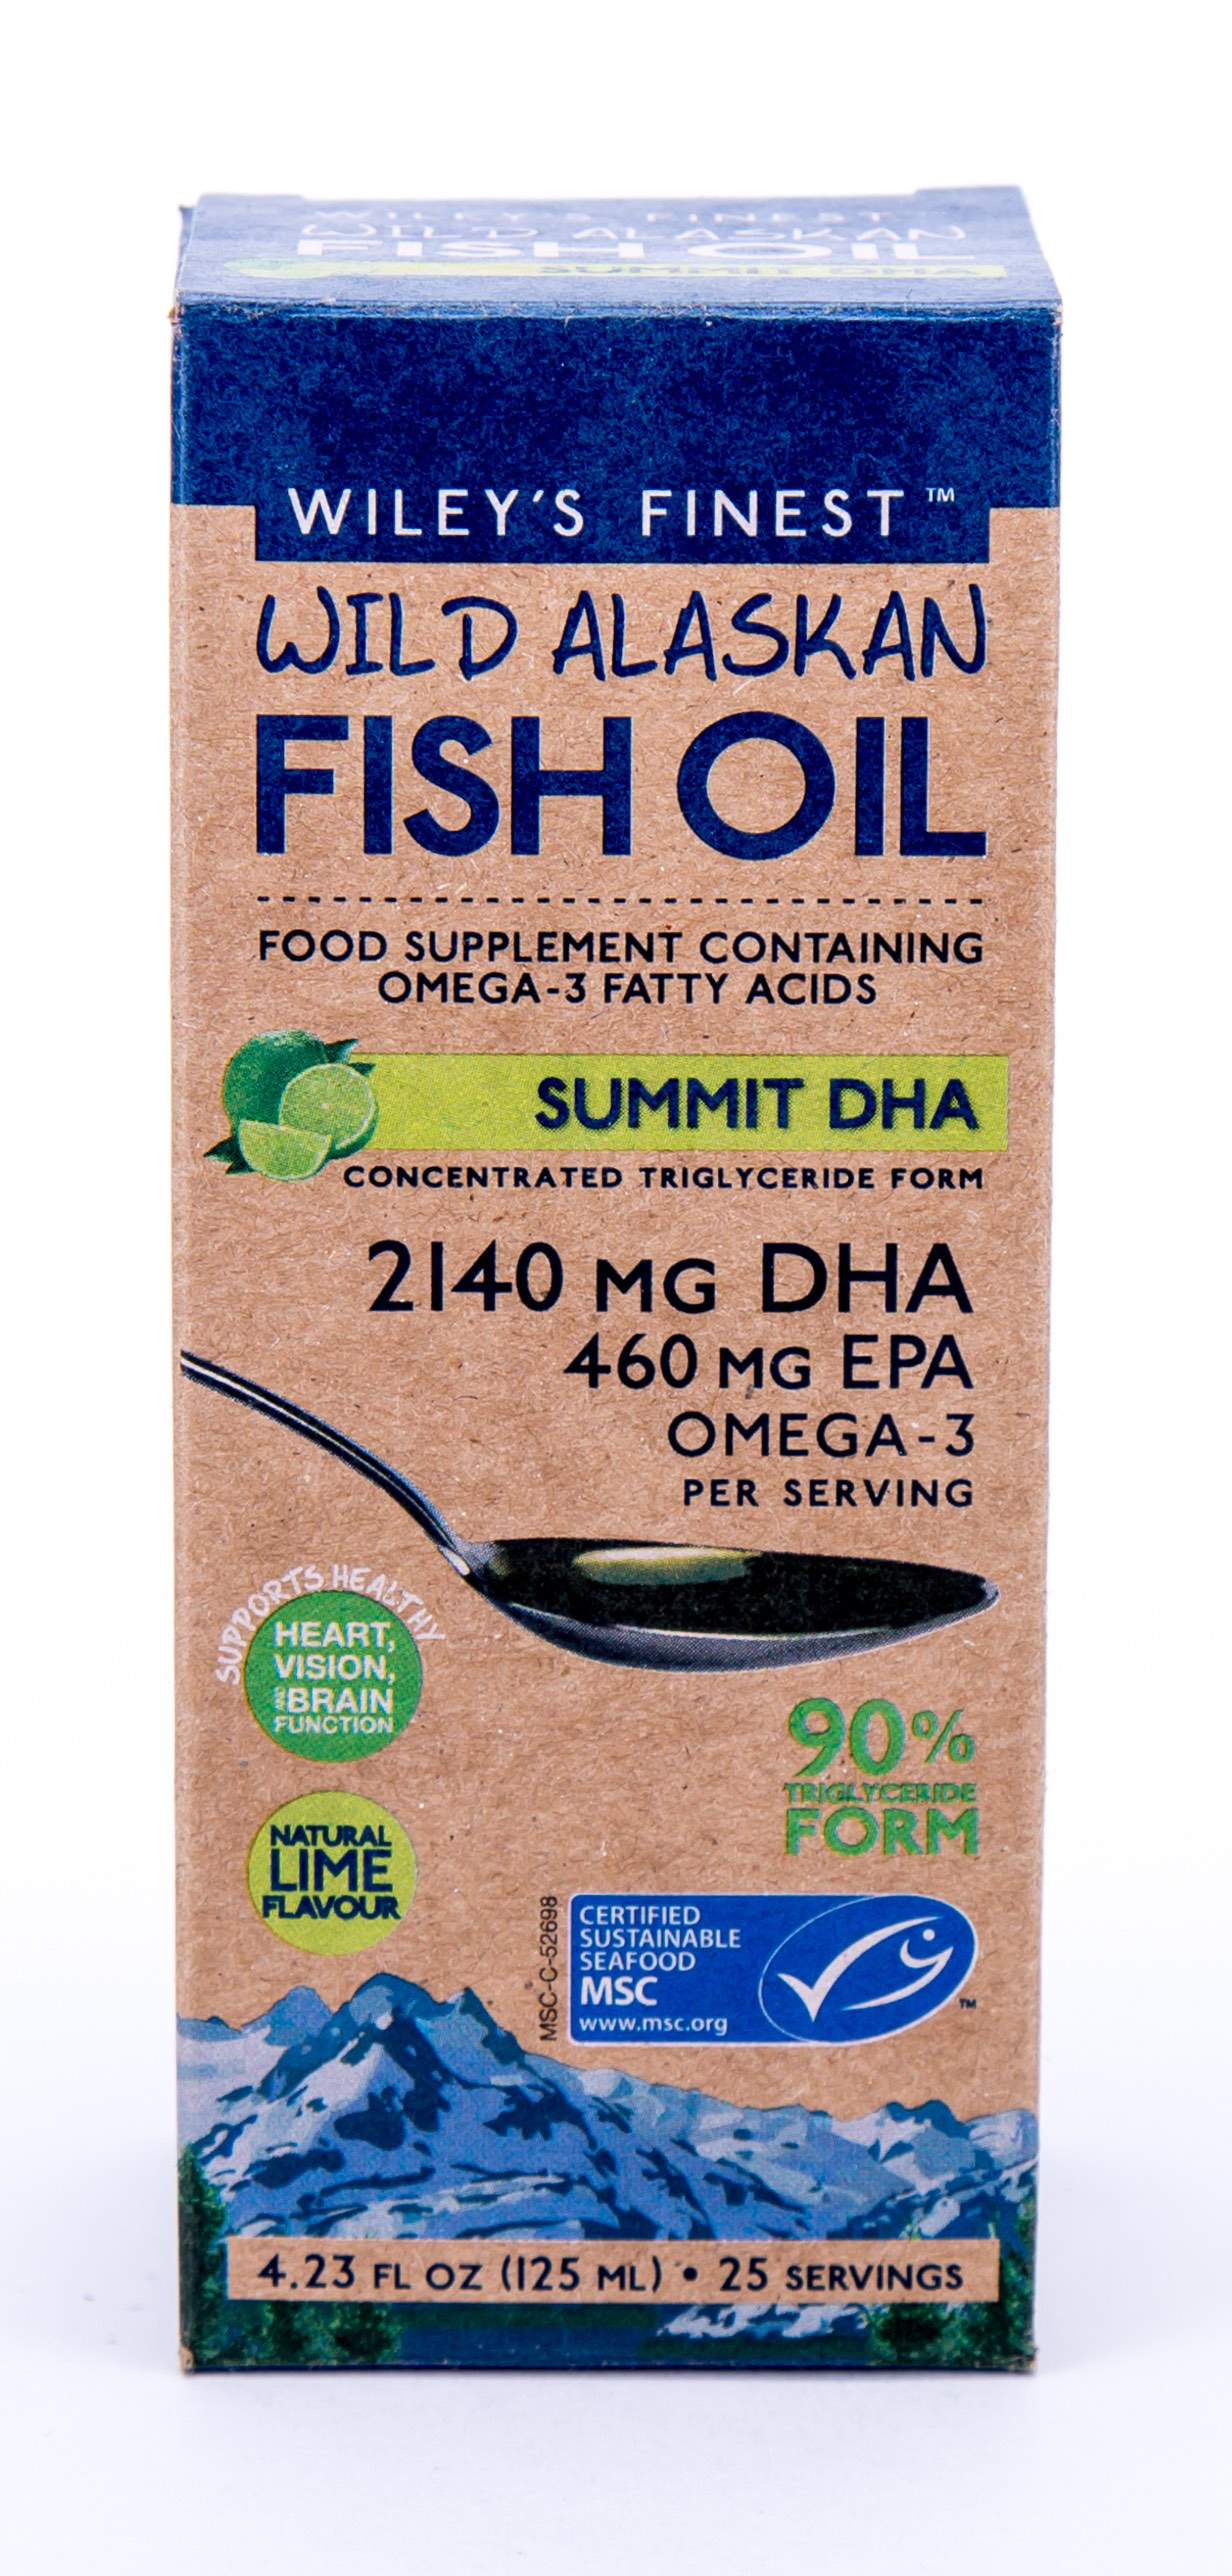 Wild Alaskan Fish Oil Summit DHA 125ml